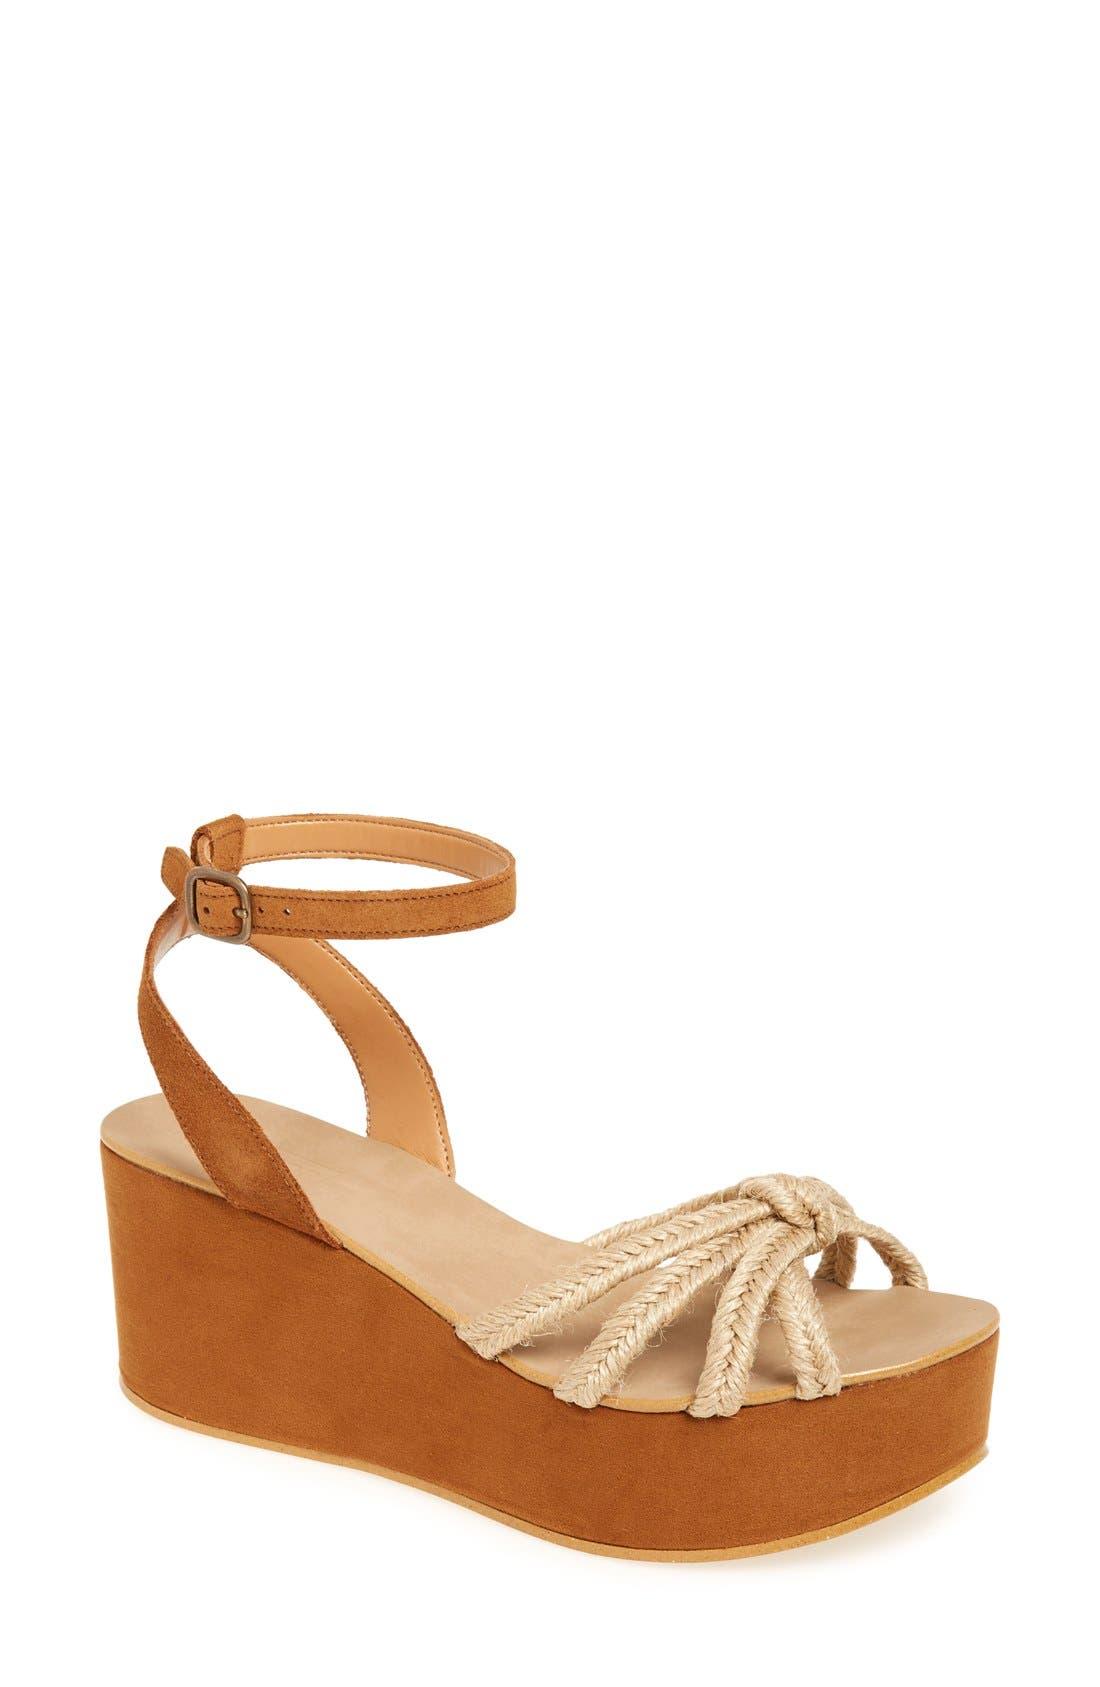 TOPSHOP 'Weave' Platform Wedge Sandal